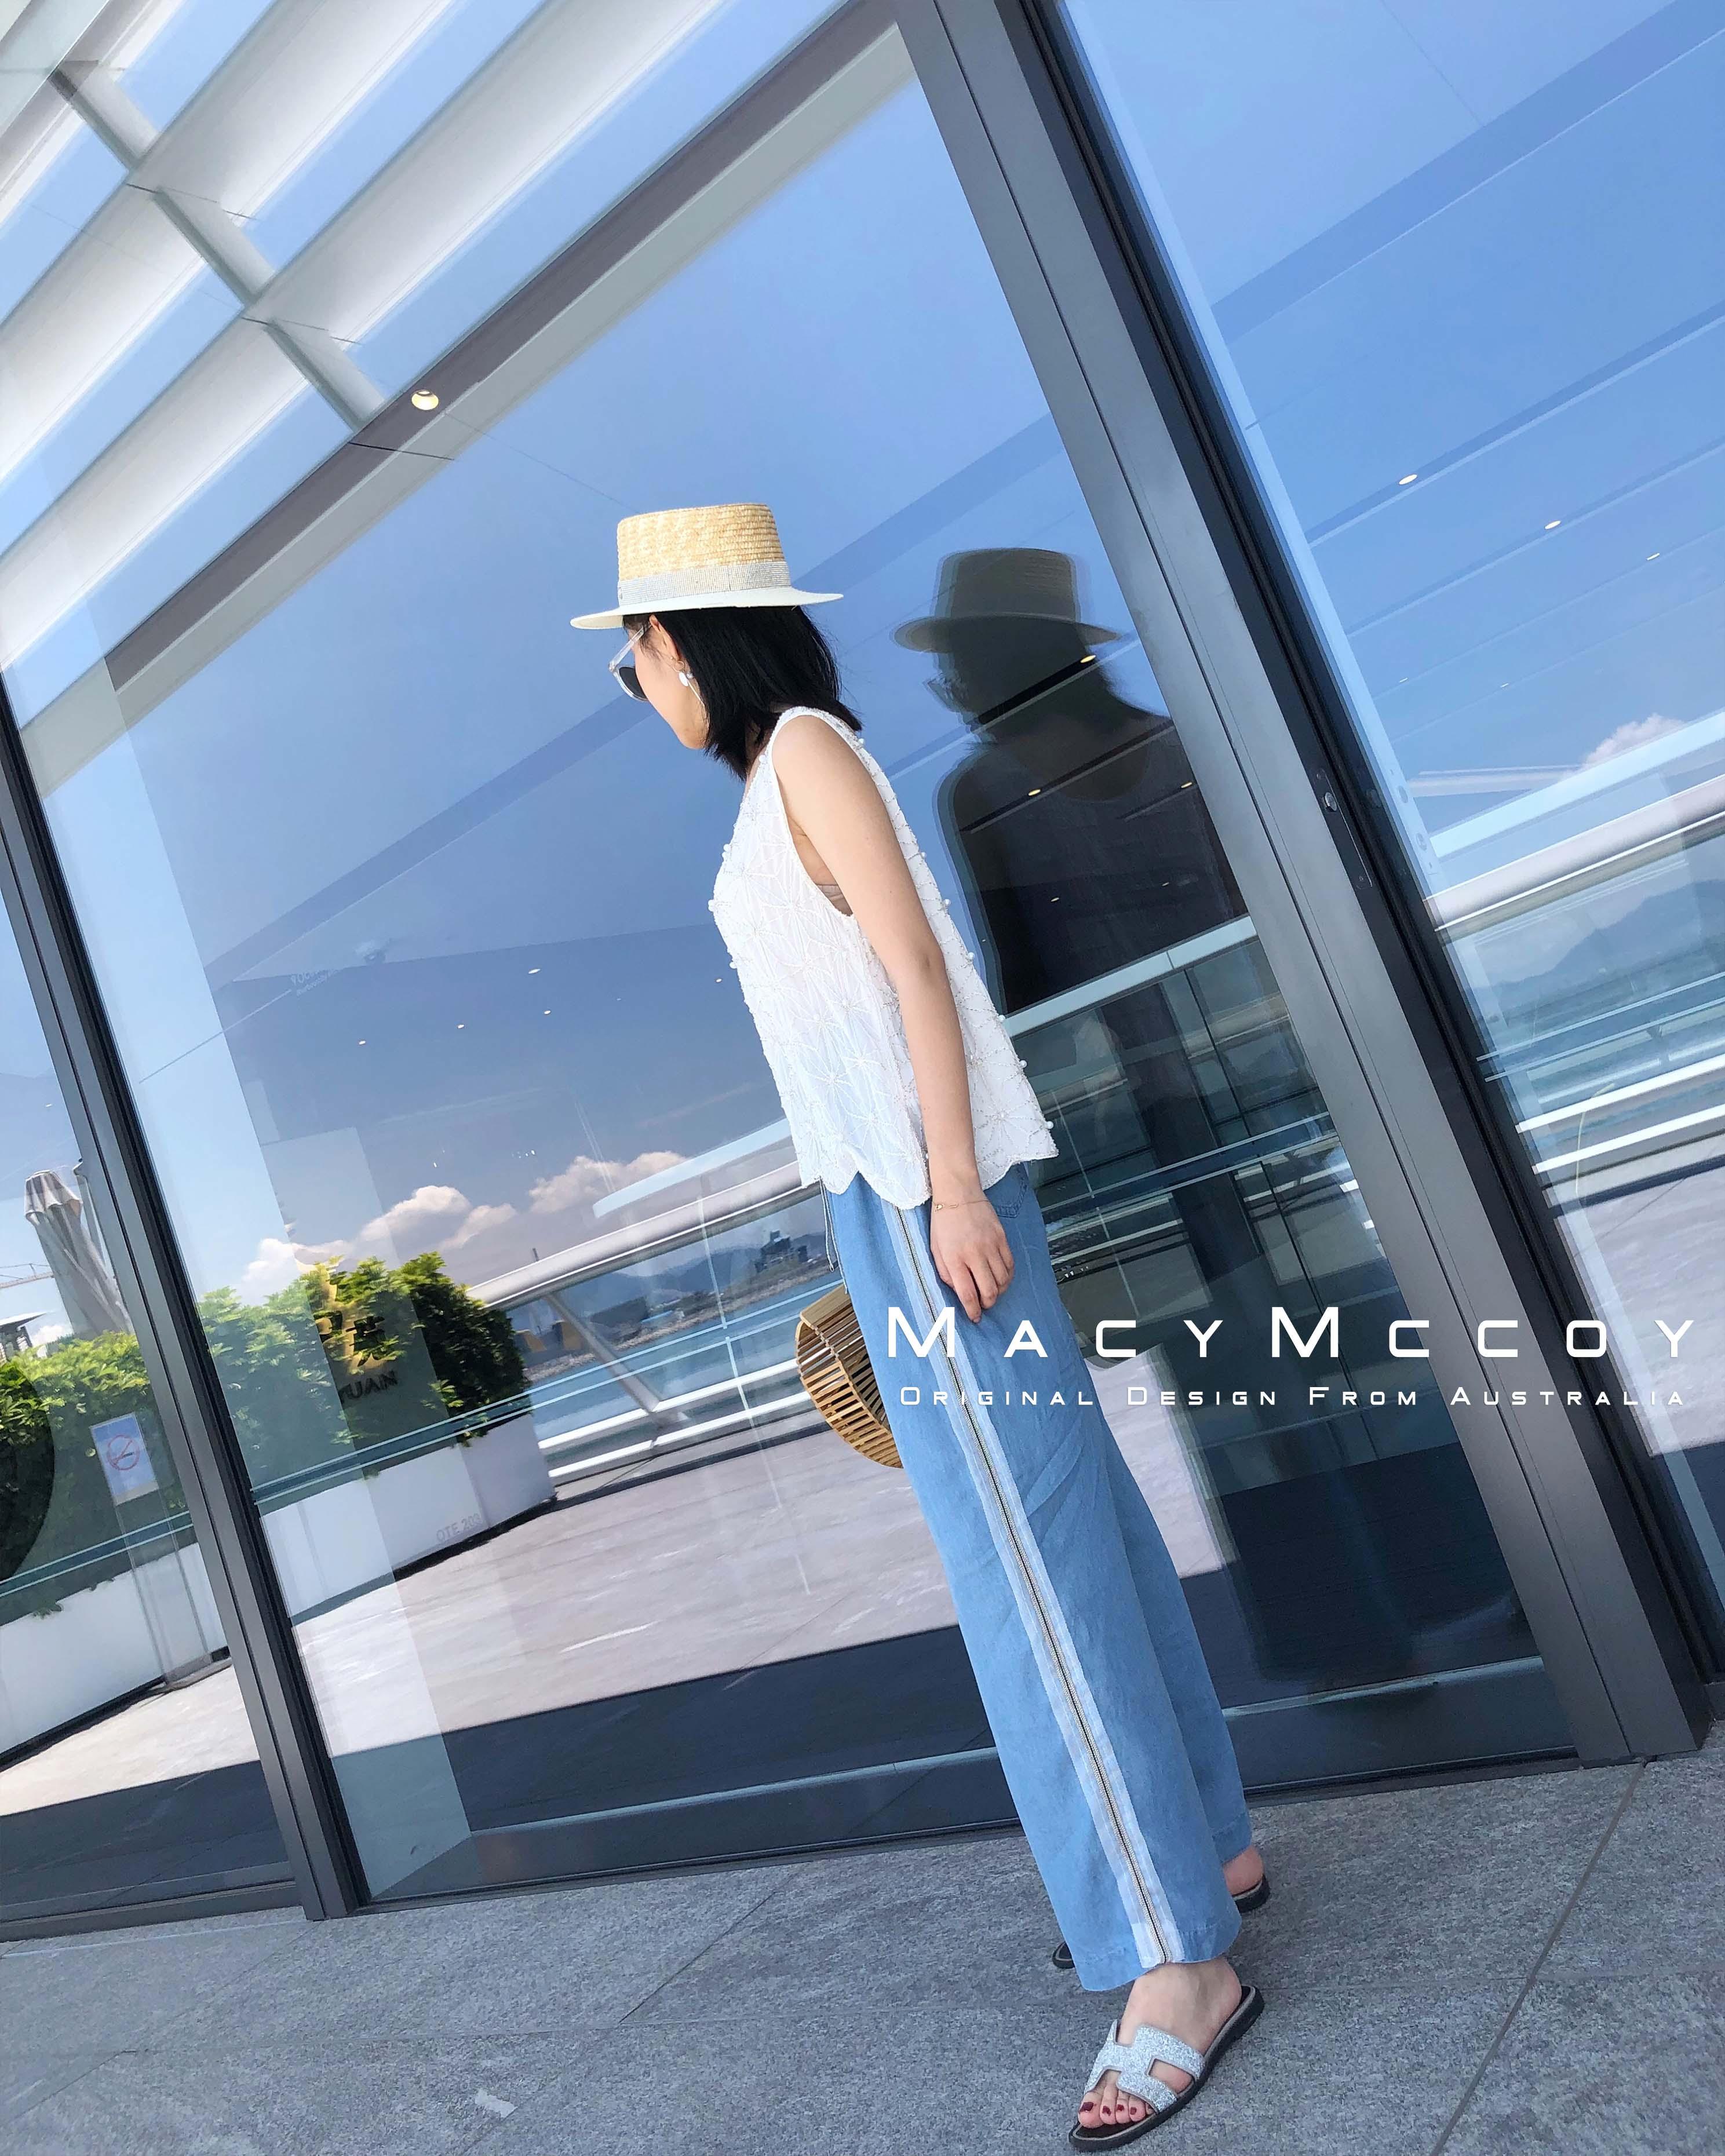 MacyMccoy20118夏季新品Bling织带牛仔阔腿裤宽松女夏季九分裤